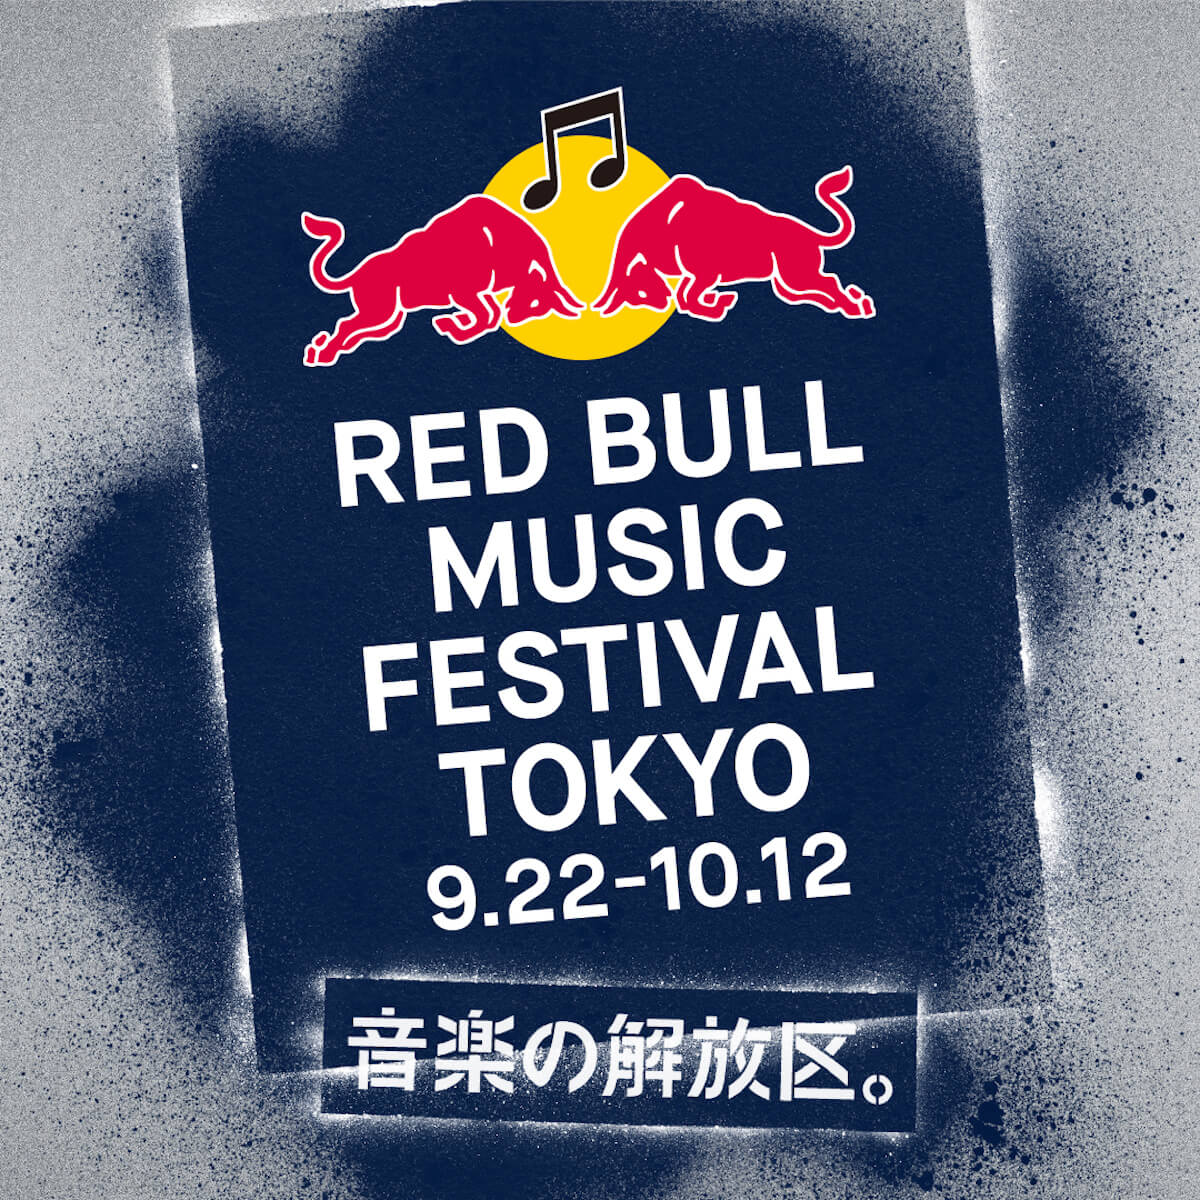 【フォトレポ】RED BULL MUSIC FESTIVAL TOKYO 2018|METAL MANIA music180804-redbullmusicfestival-7